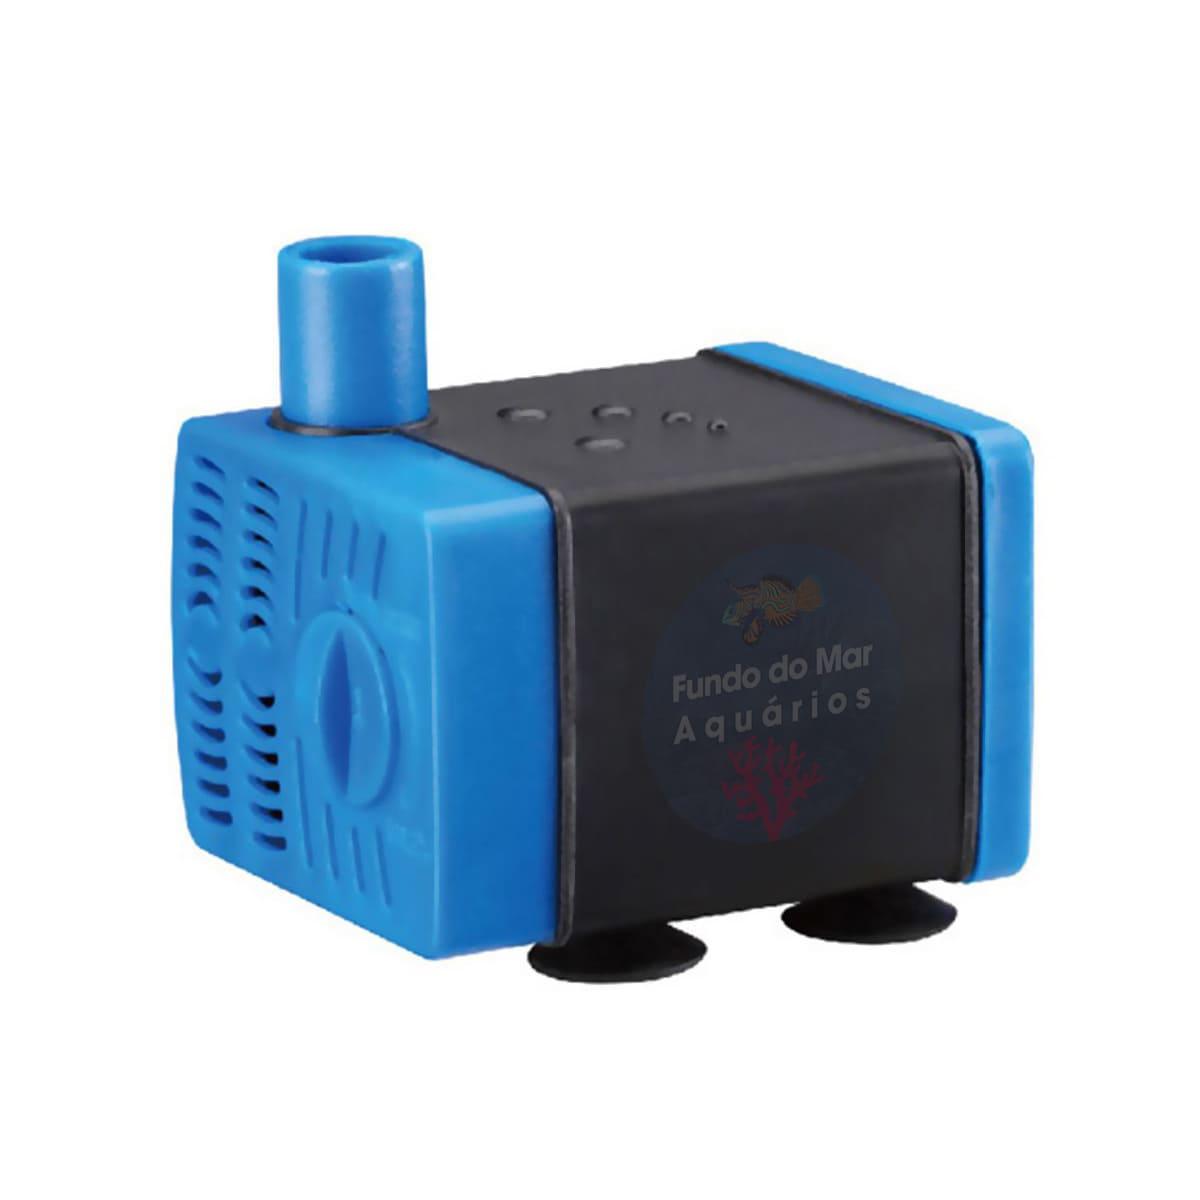 Bomba Submersa para Aquários e Fontes RS Electrical RS 701